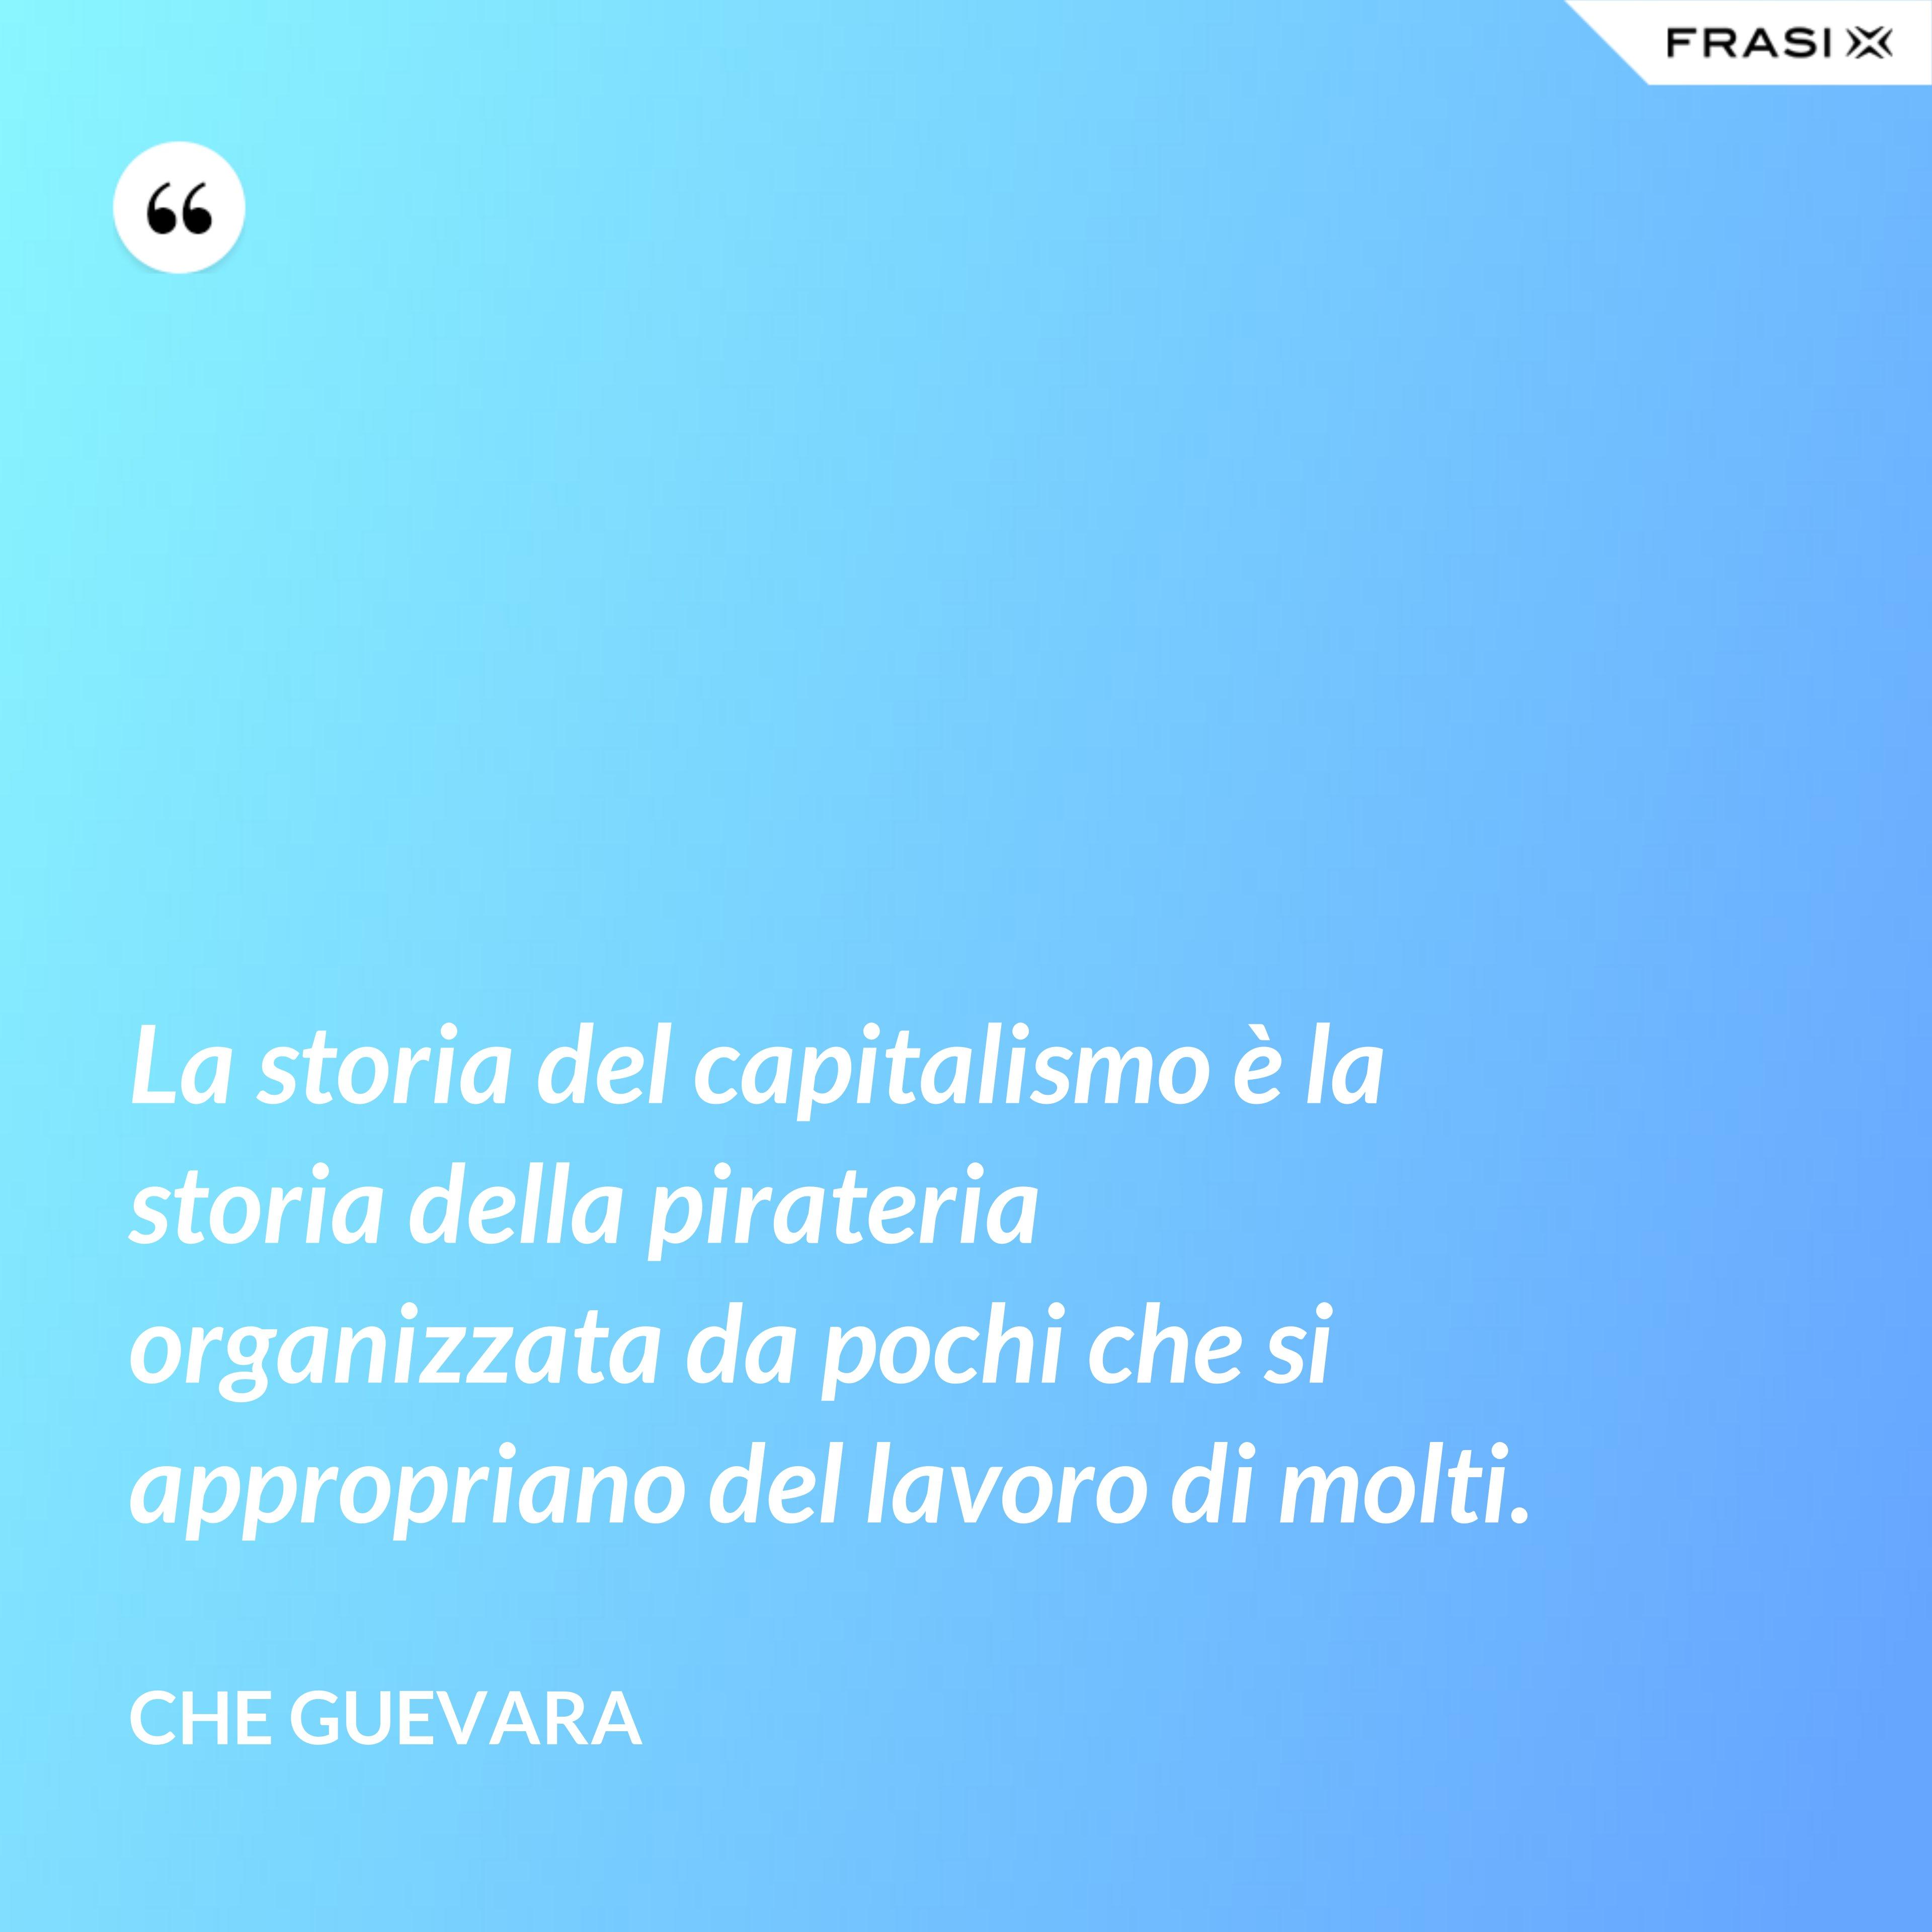 La storia del capitalismo è la storia della pirateria organizzata da pochi che si appropriano del lavoro di molti. - Che Guevara